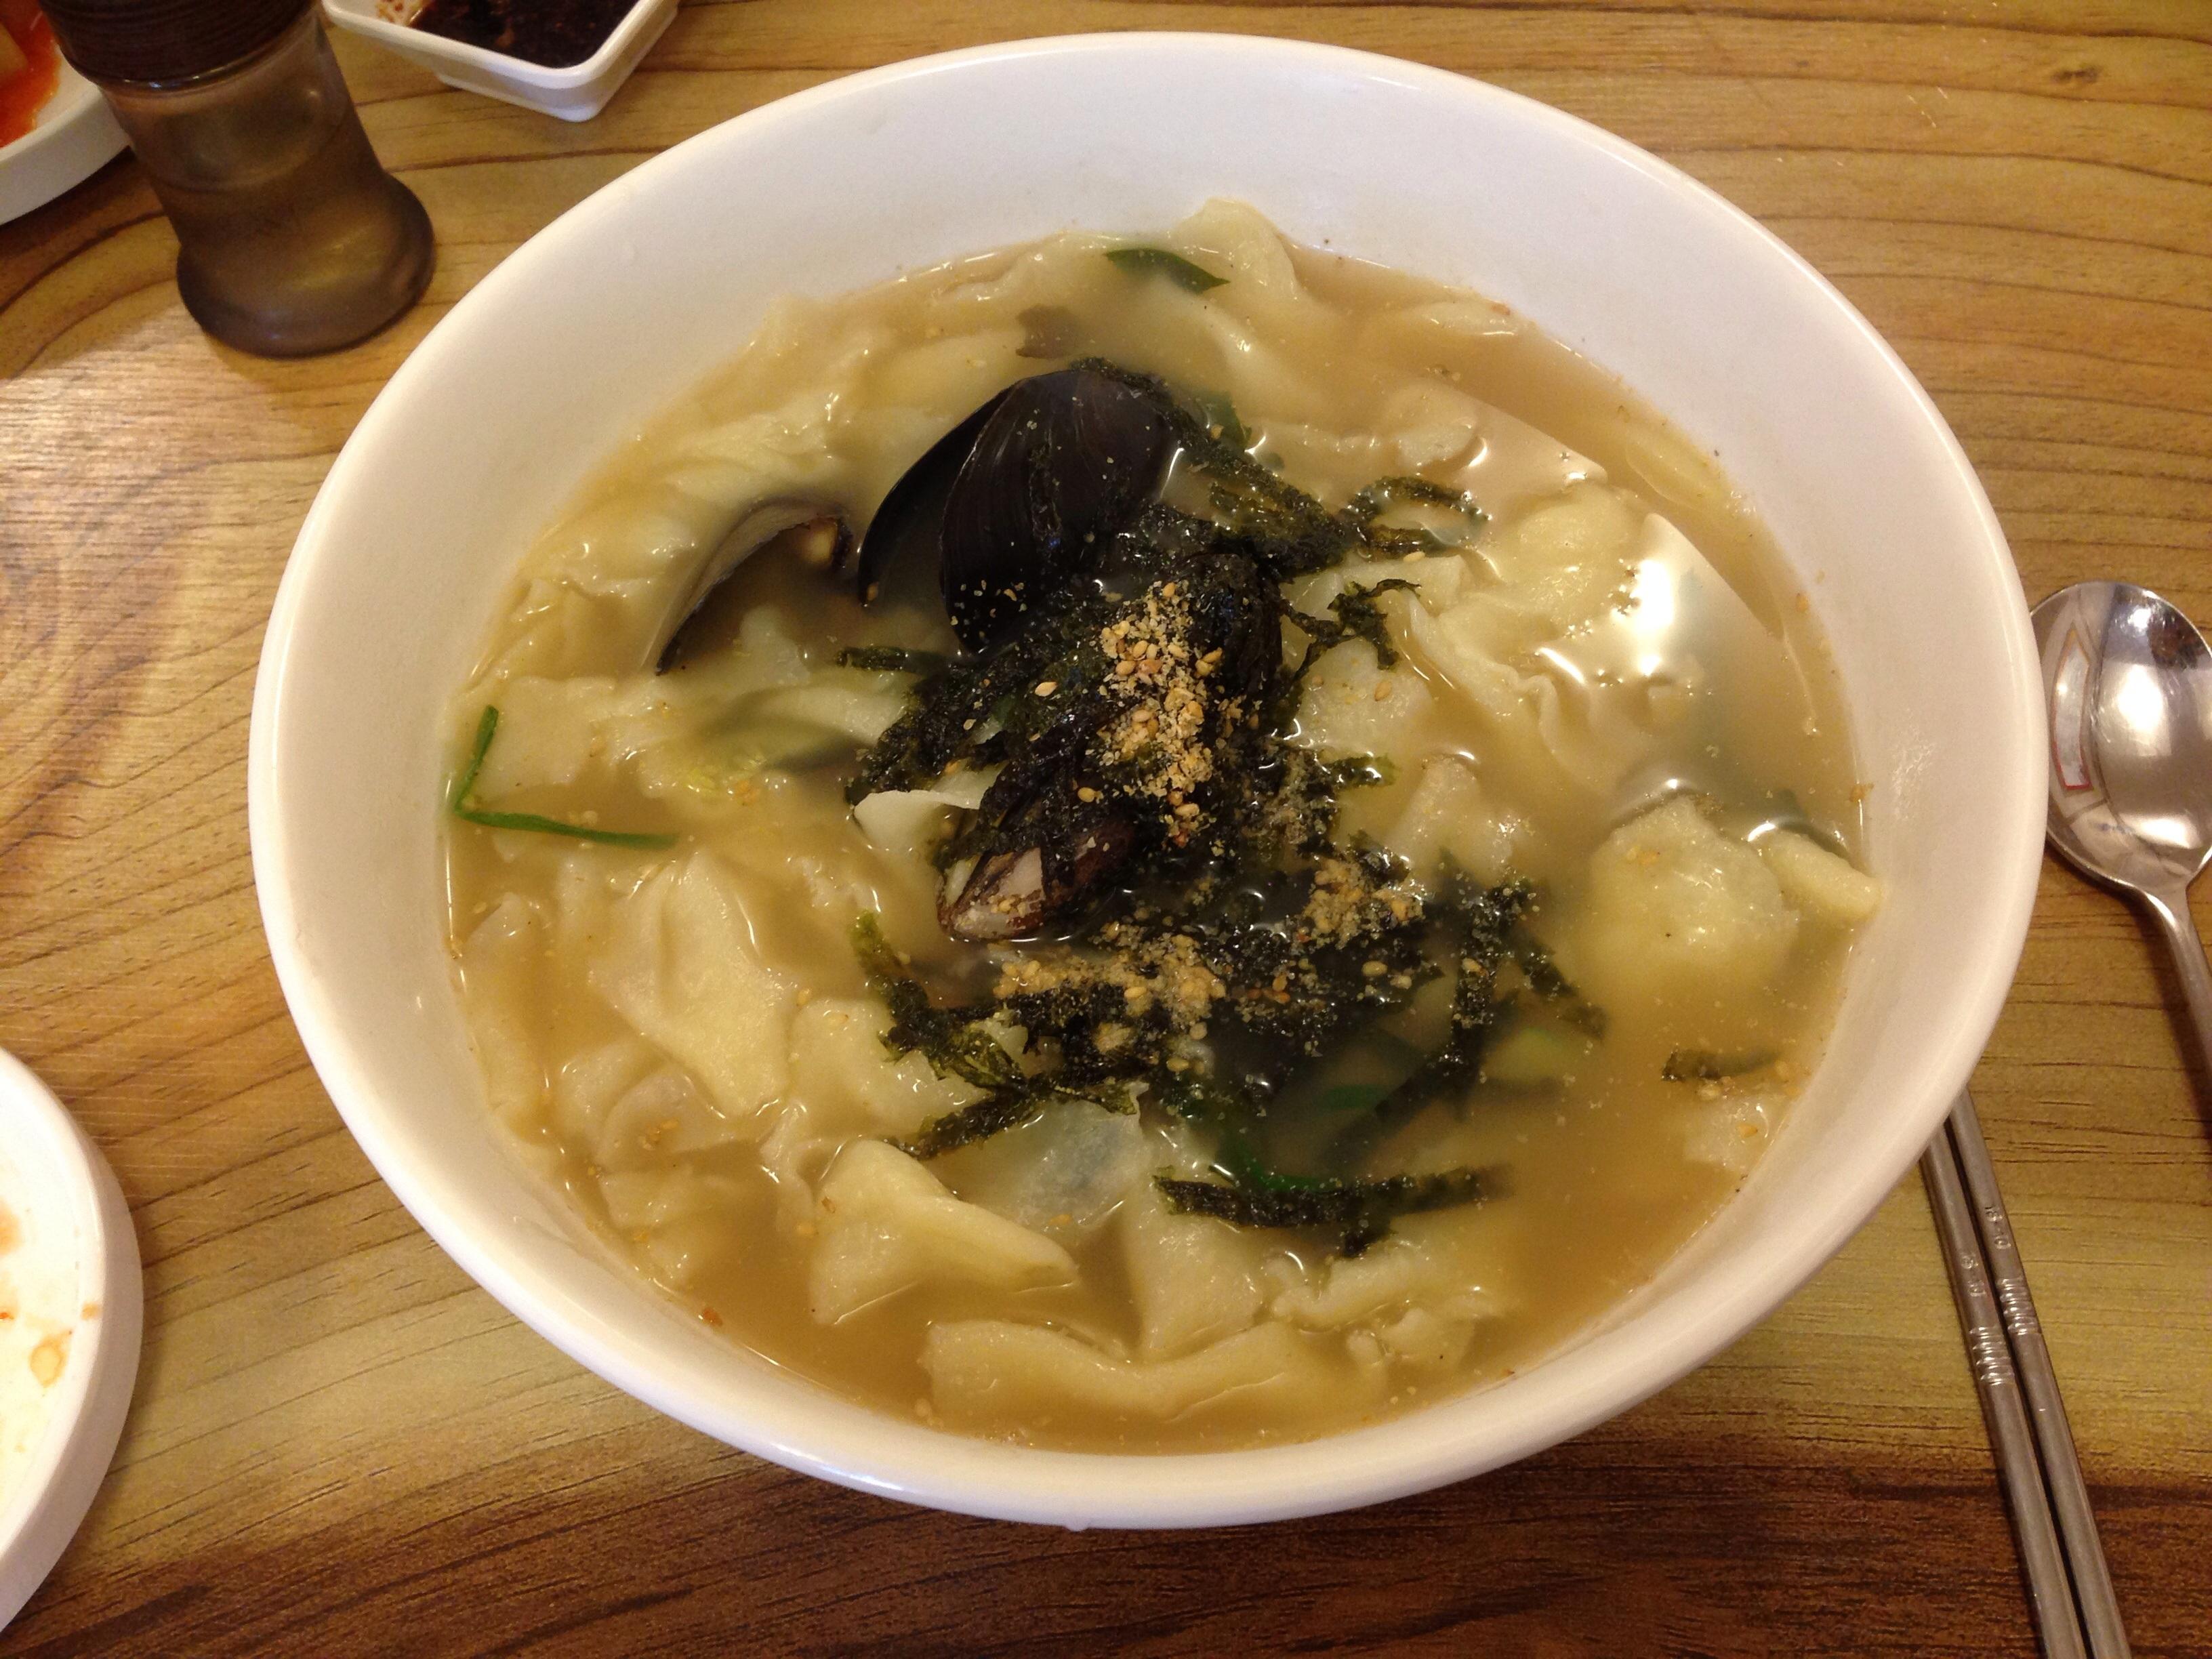 Free images dish recipe cuisine asian food vegetarian food free images dish recipe cuisine asian food vegetarian food udon korean food chinese food hot and sour soup kalguksu noodle soup wonton forumfinder Images